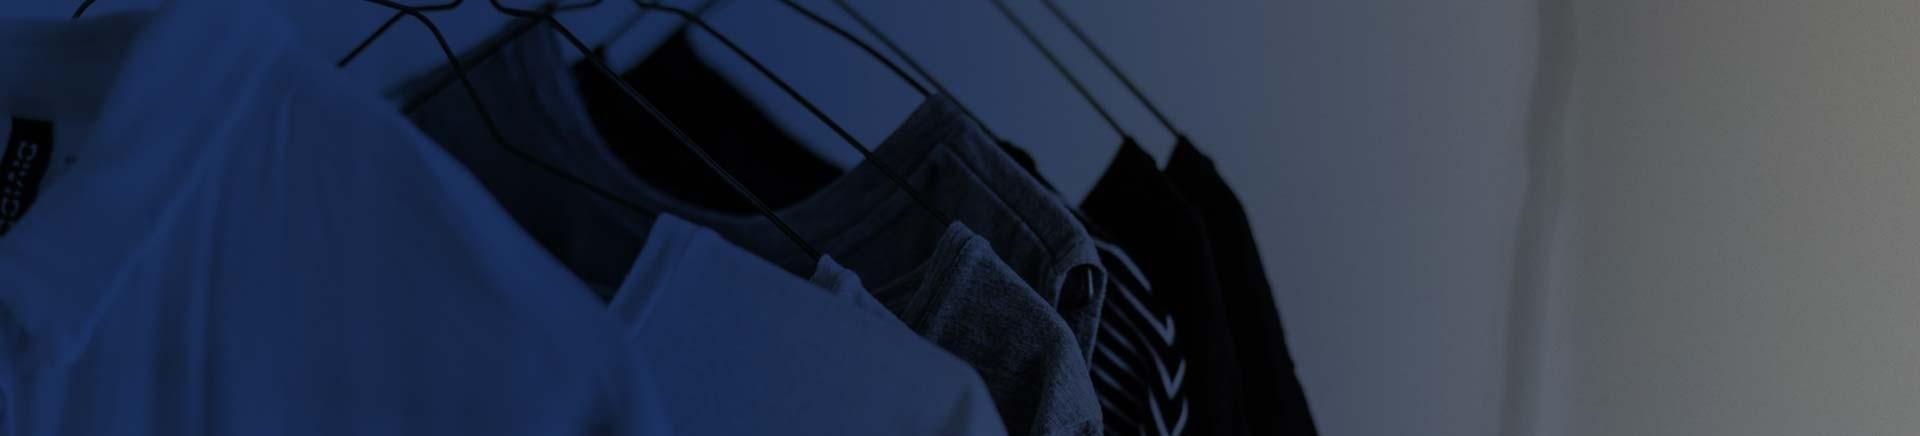 Modestoff – Jeansstoffe kaufen | JAVRO Stoffmarkt